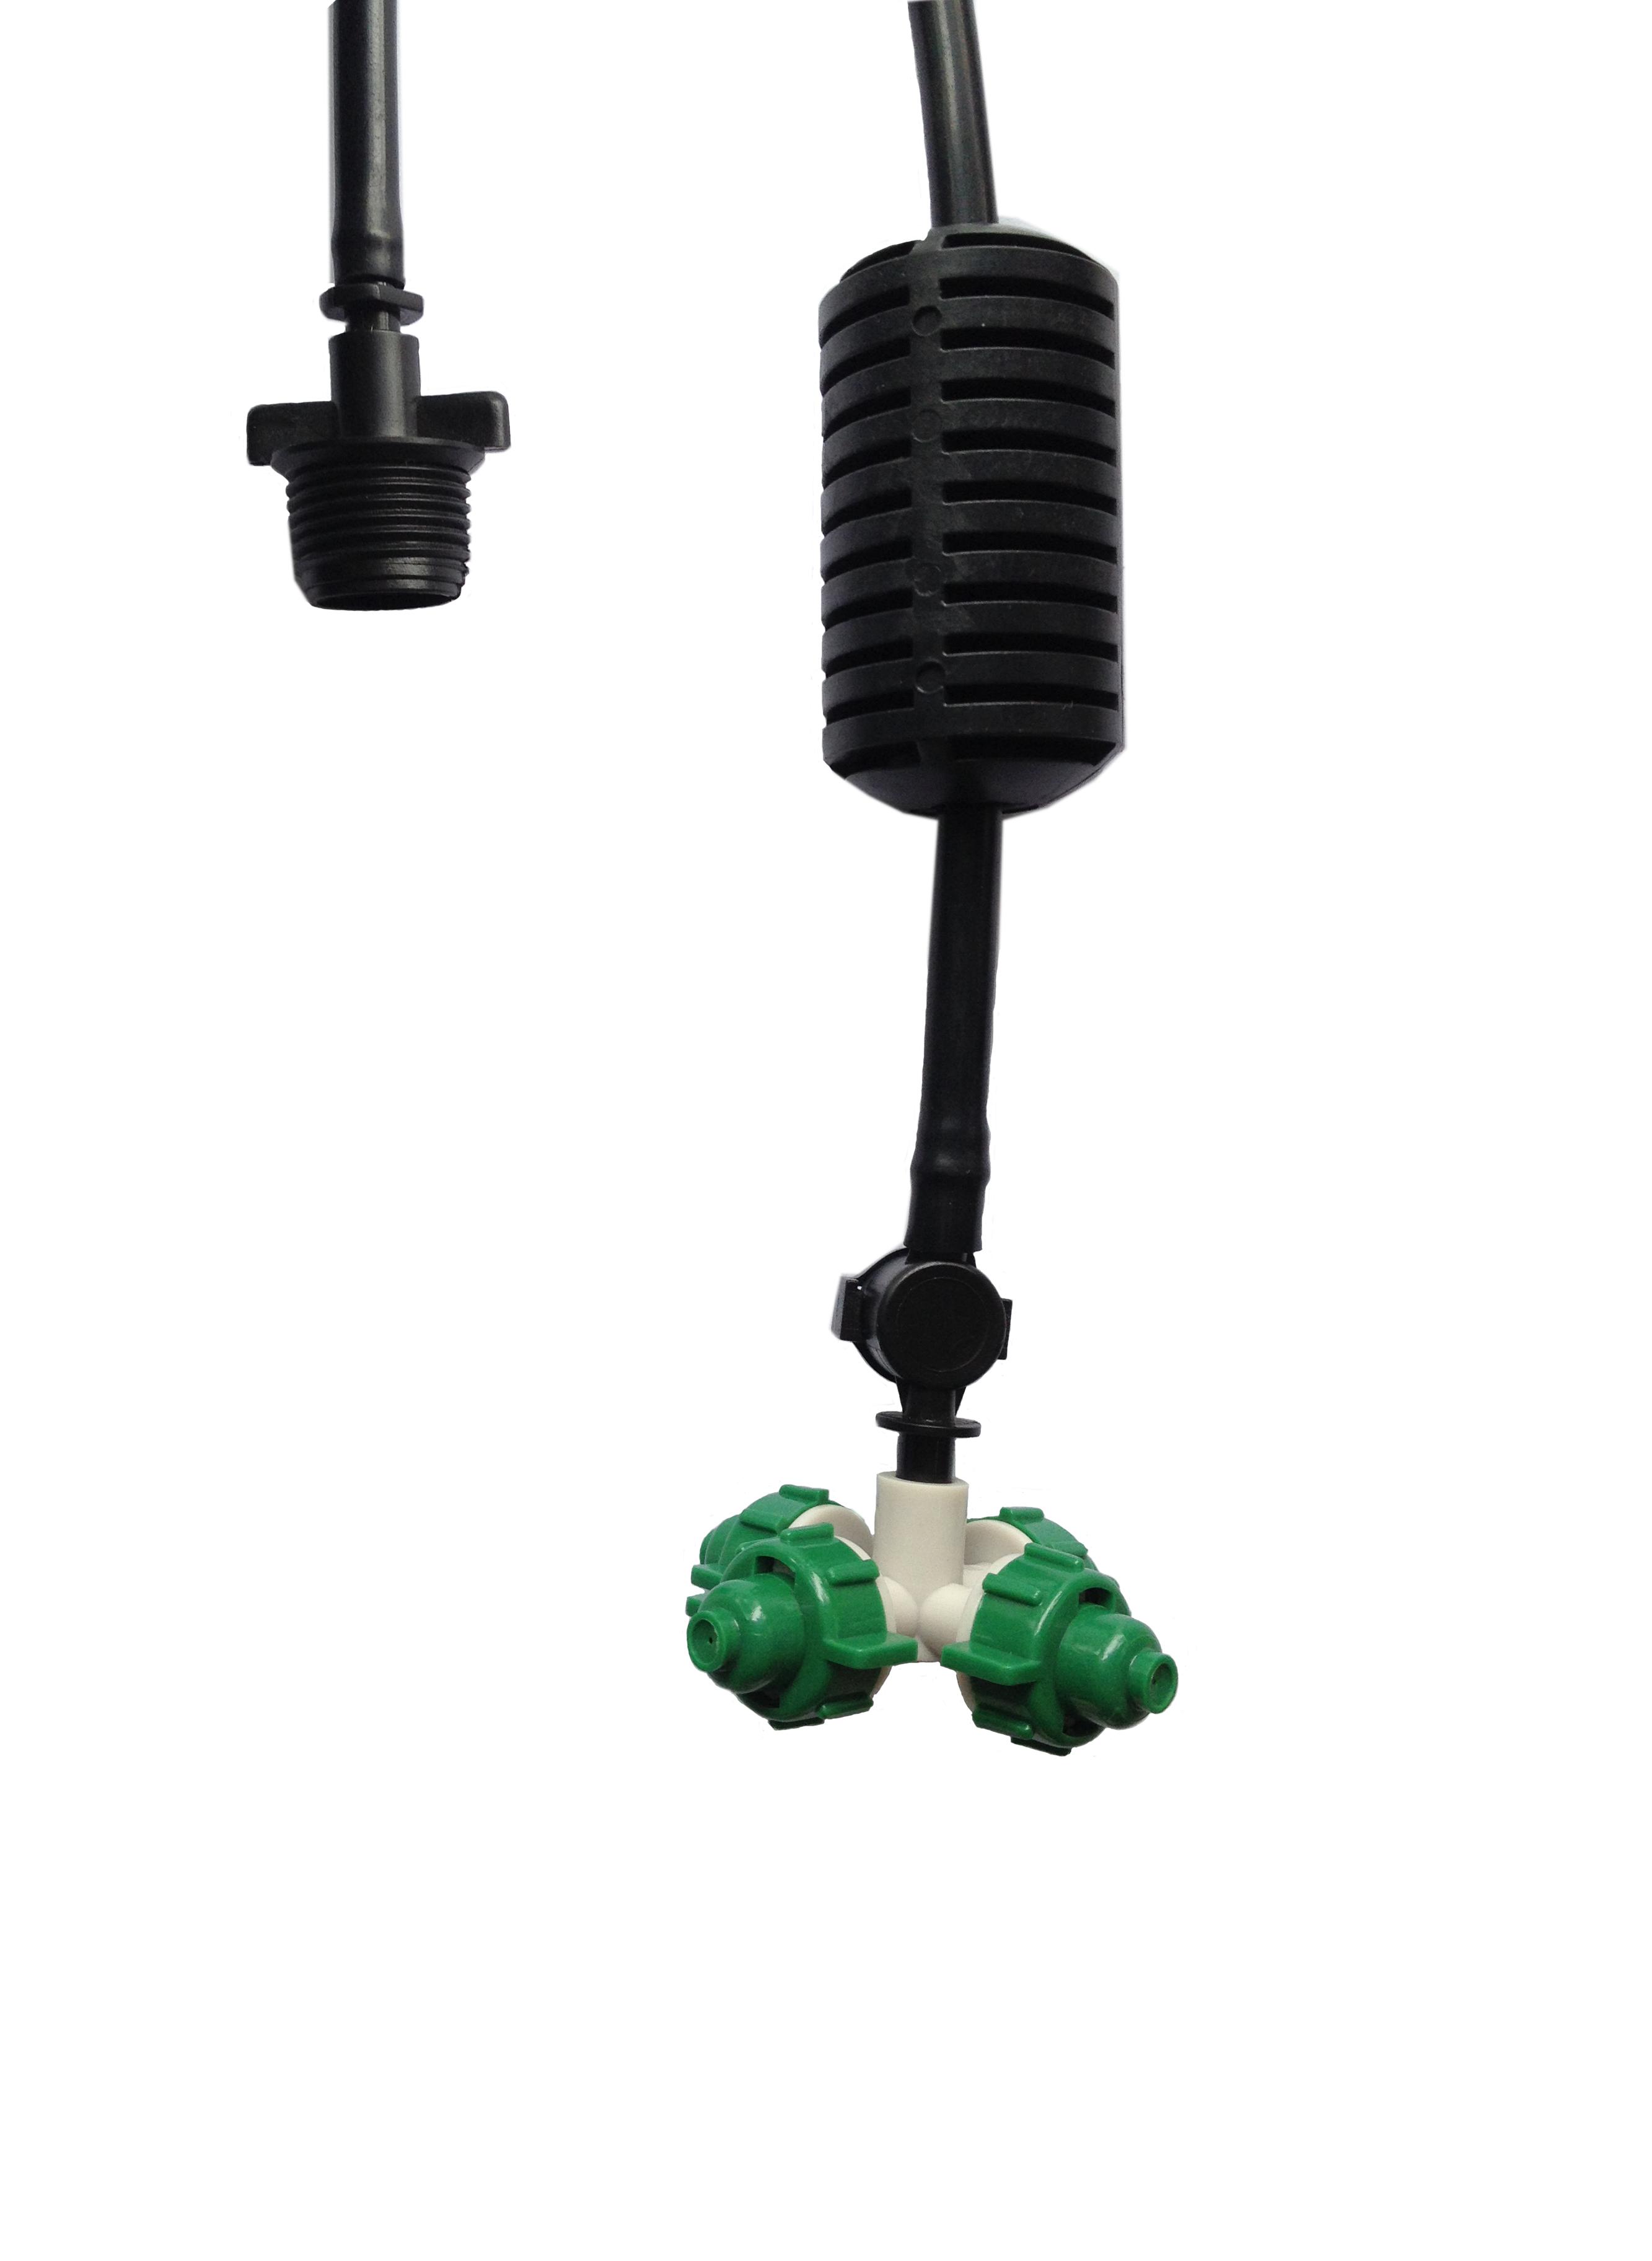 Vòi tưới phun sương 4 cửa chống rò rỉ (PVC 11)